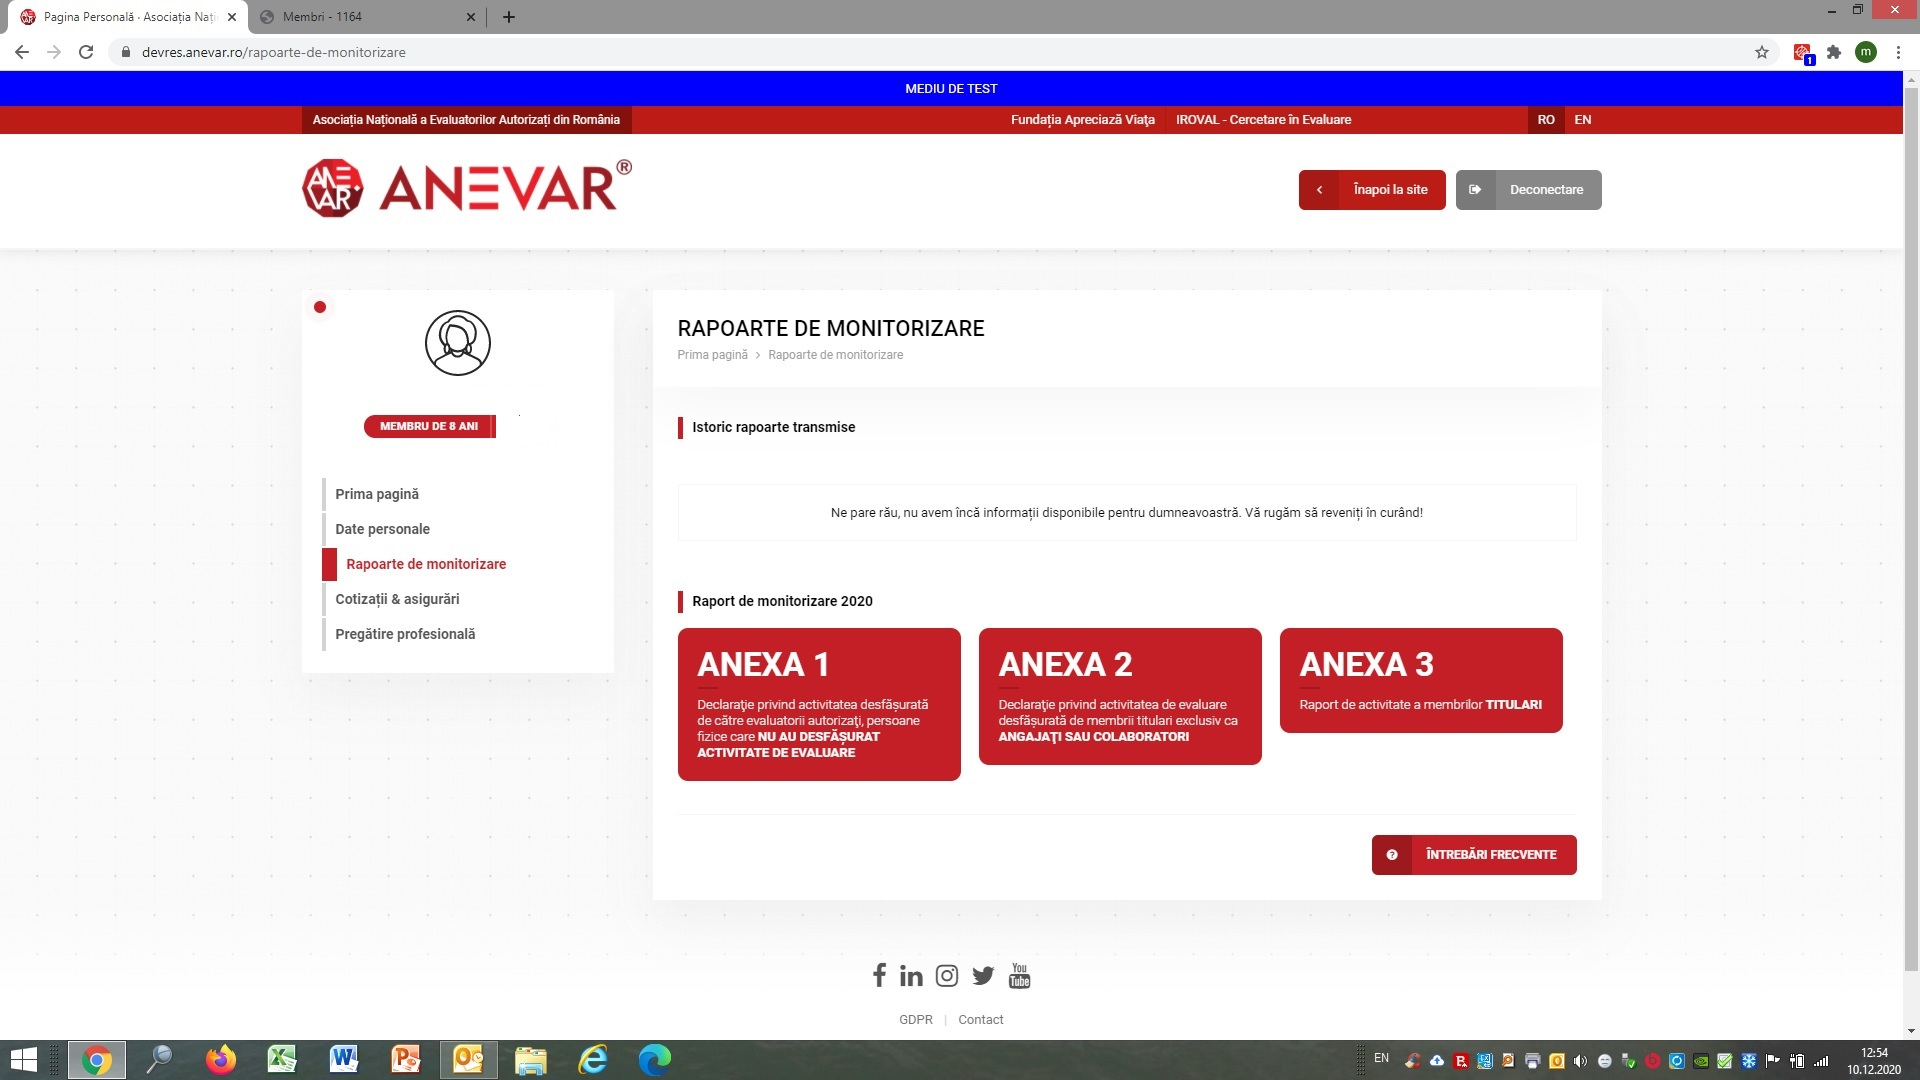 Instrucțiuni de completare a formularelor de raportare a activității de evaluare în anul 2020